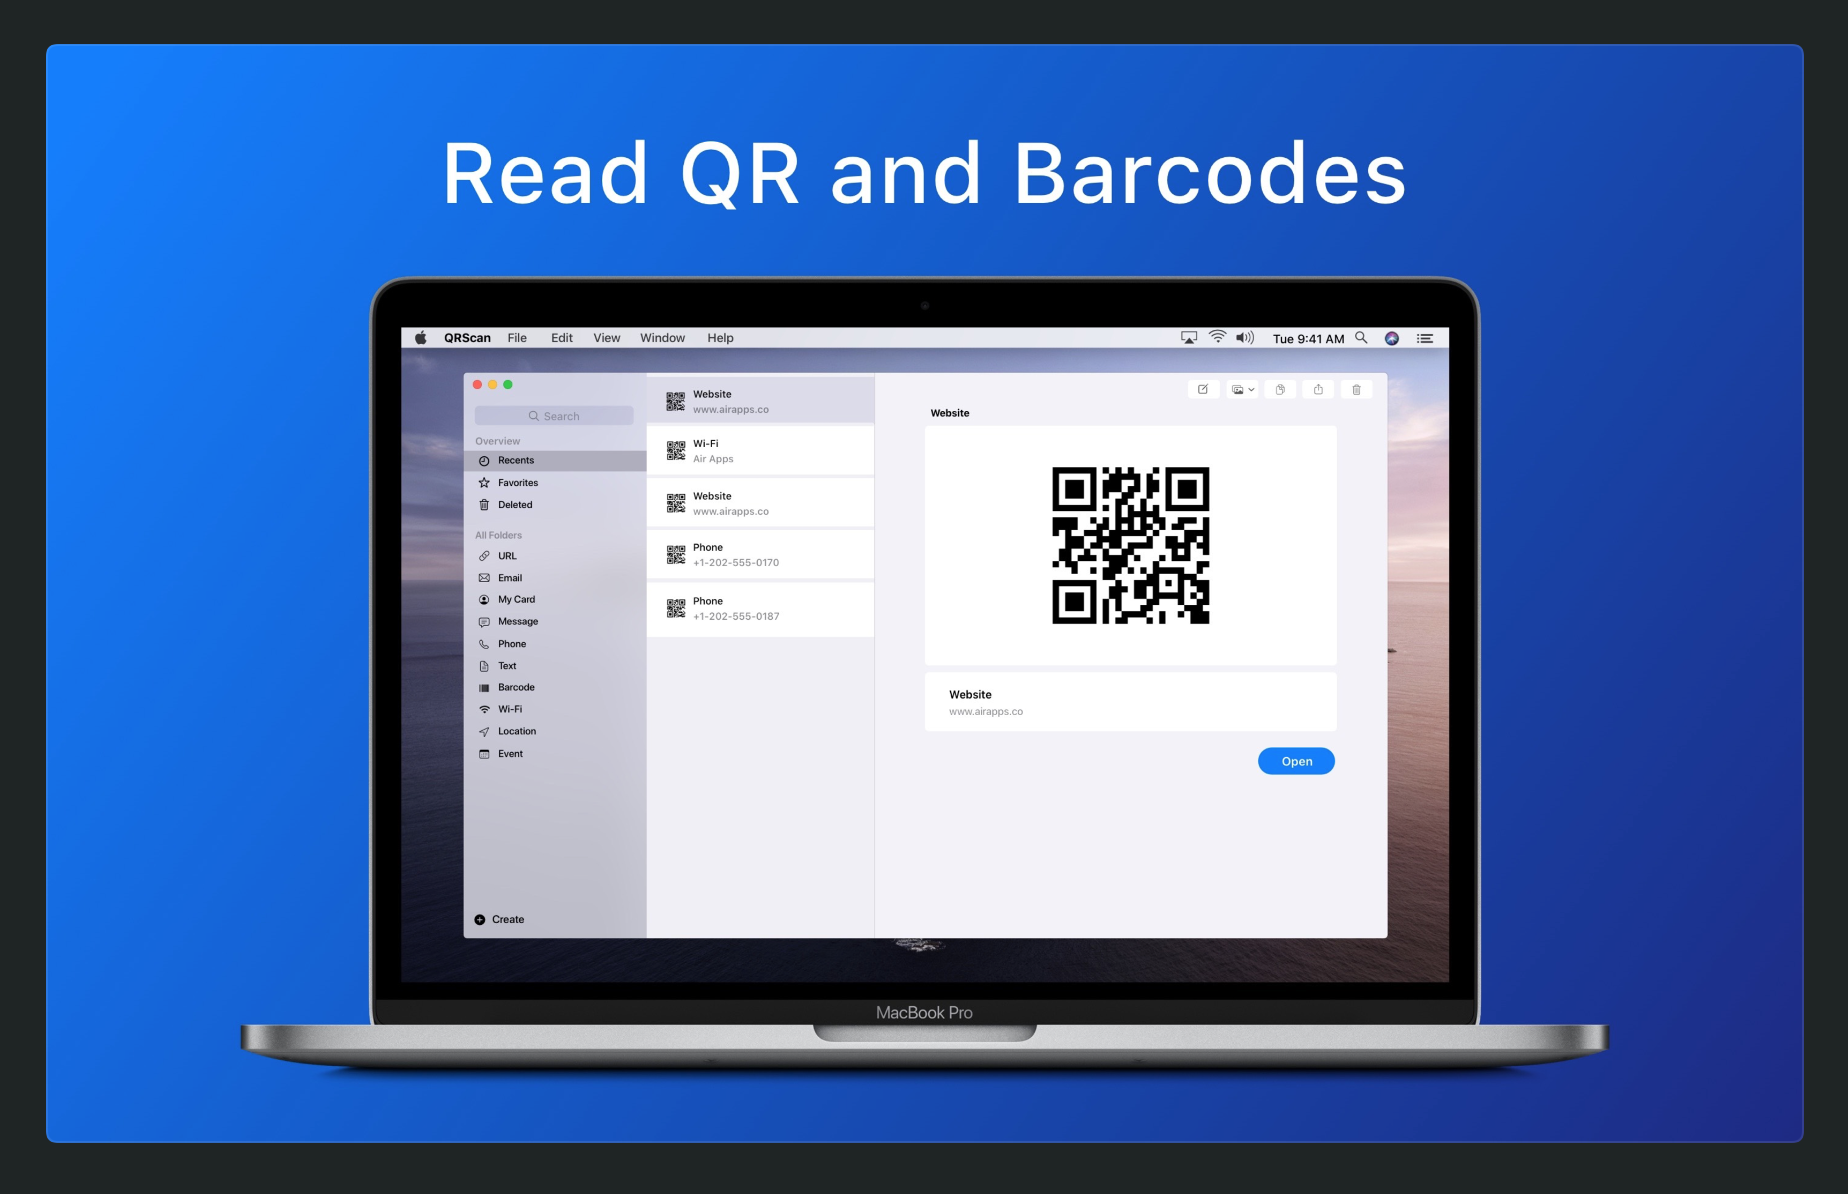 QRScan- a QR Code reader for iPad and Mac